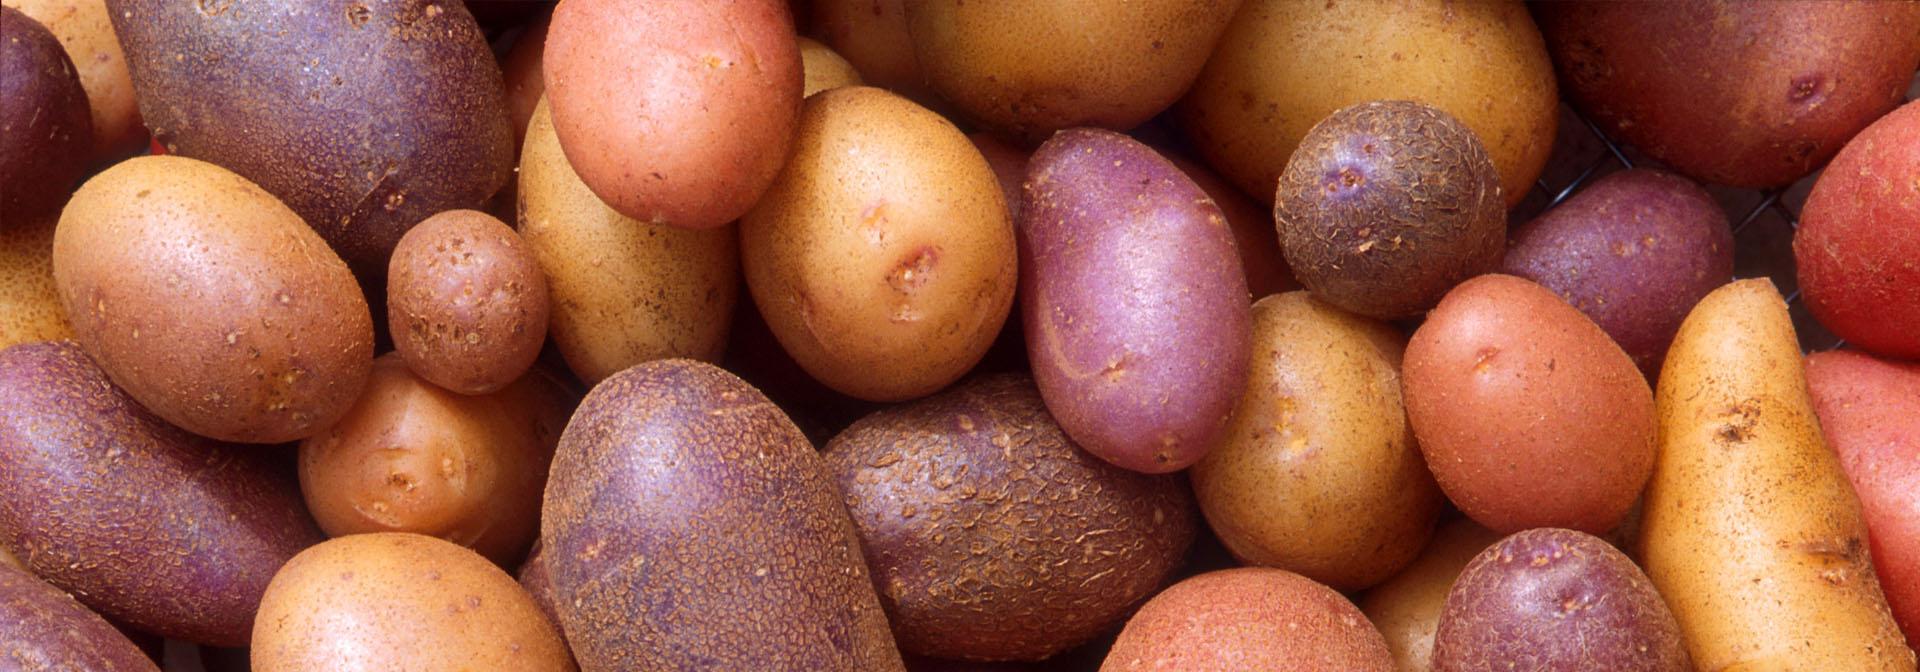 Картофель в корме